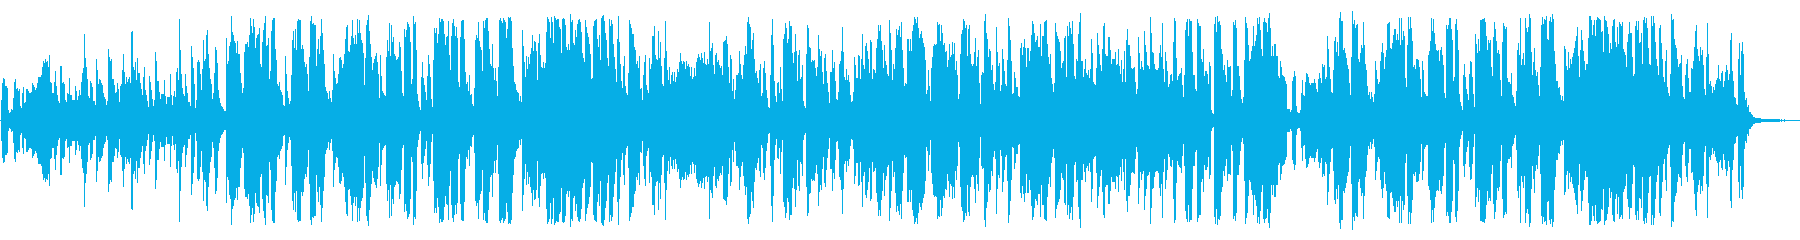 クラシック曲をリゾートパーティーアレンジの再生済みの波形